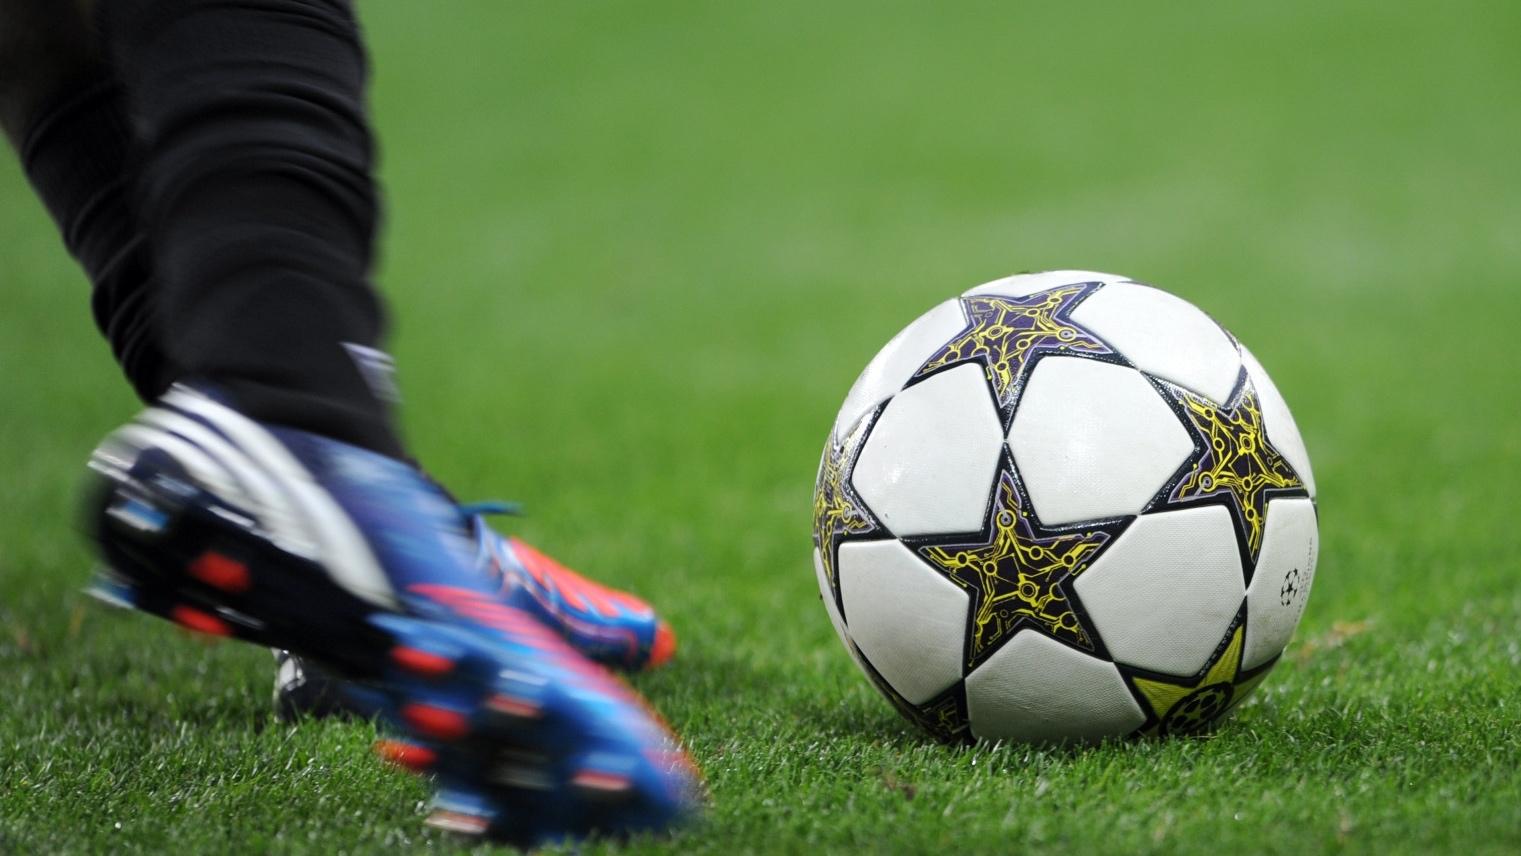 Trực tiếp bóng đá hôm nay: MU vs AC Milan, ICC 2019. Trực tiếp MU đấu với Milan trên FPT Play